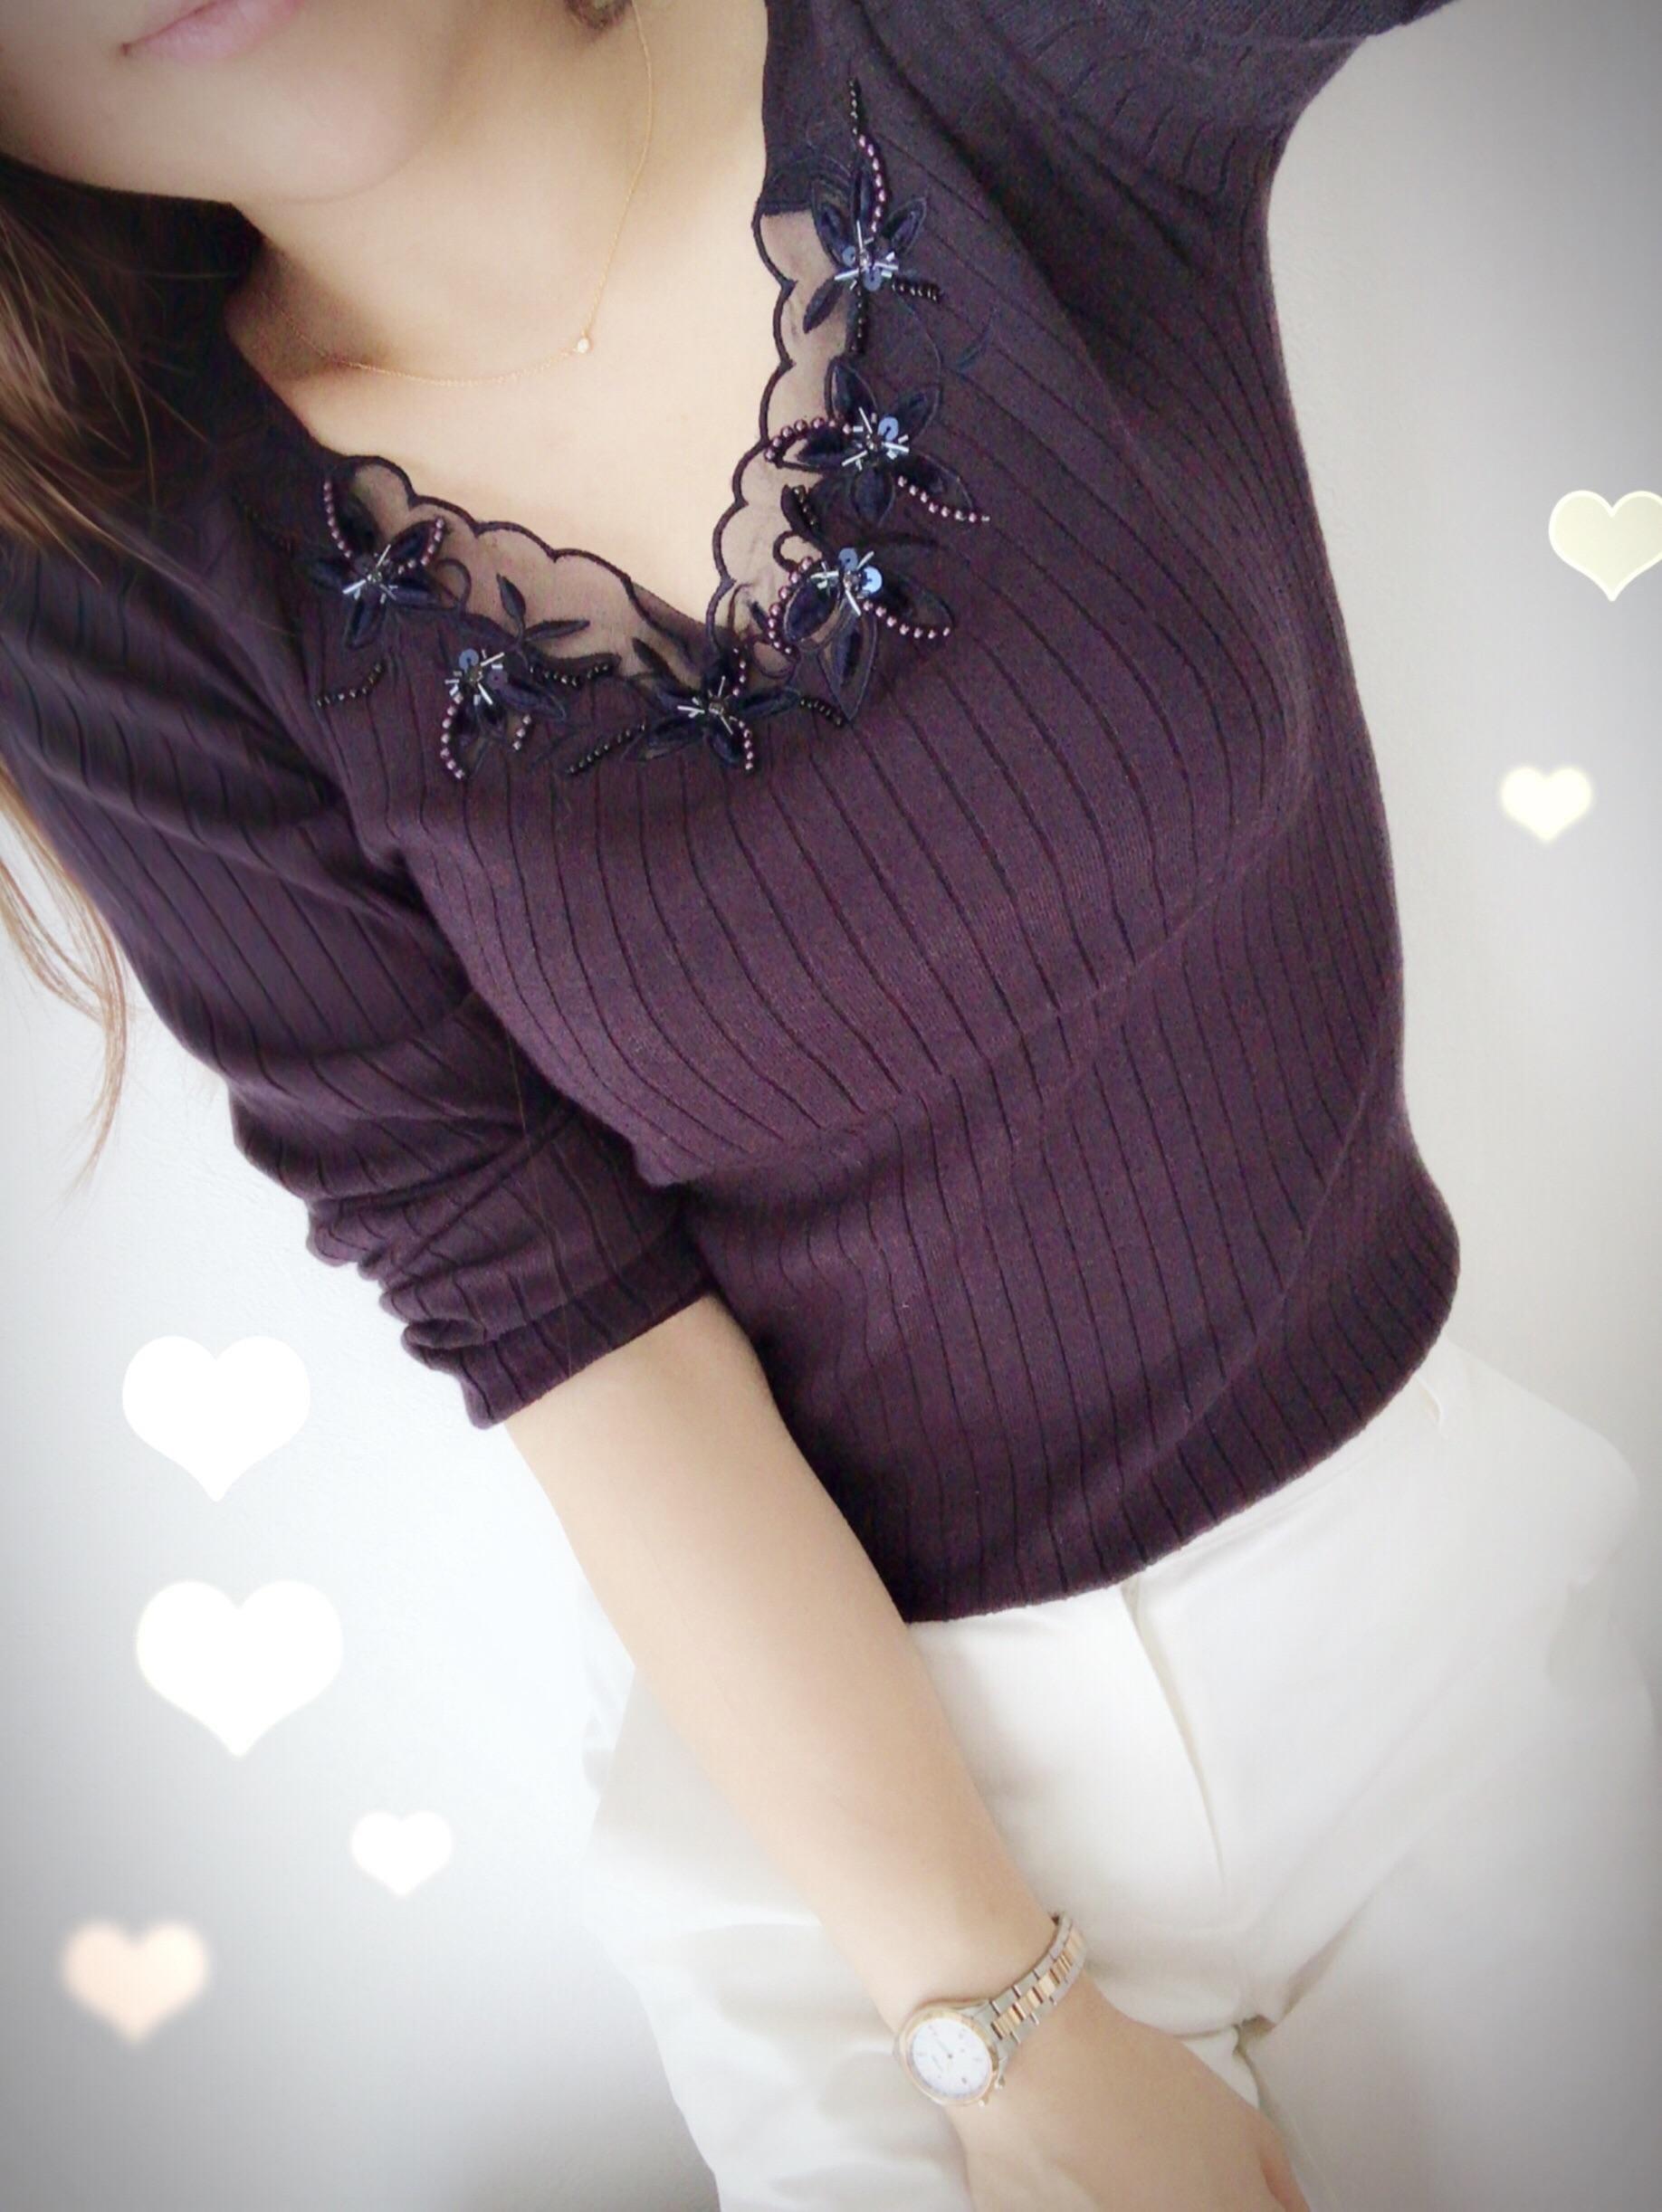 「こんにちは?」09/28(金) 15:50 | 純愛【ピュア】の写メ・風俗動画